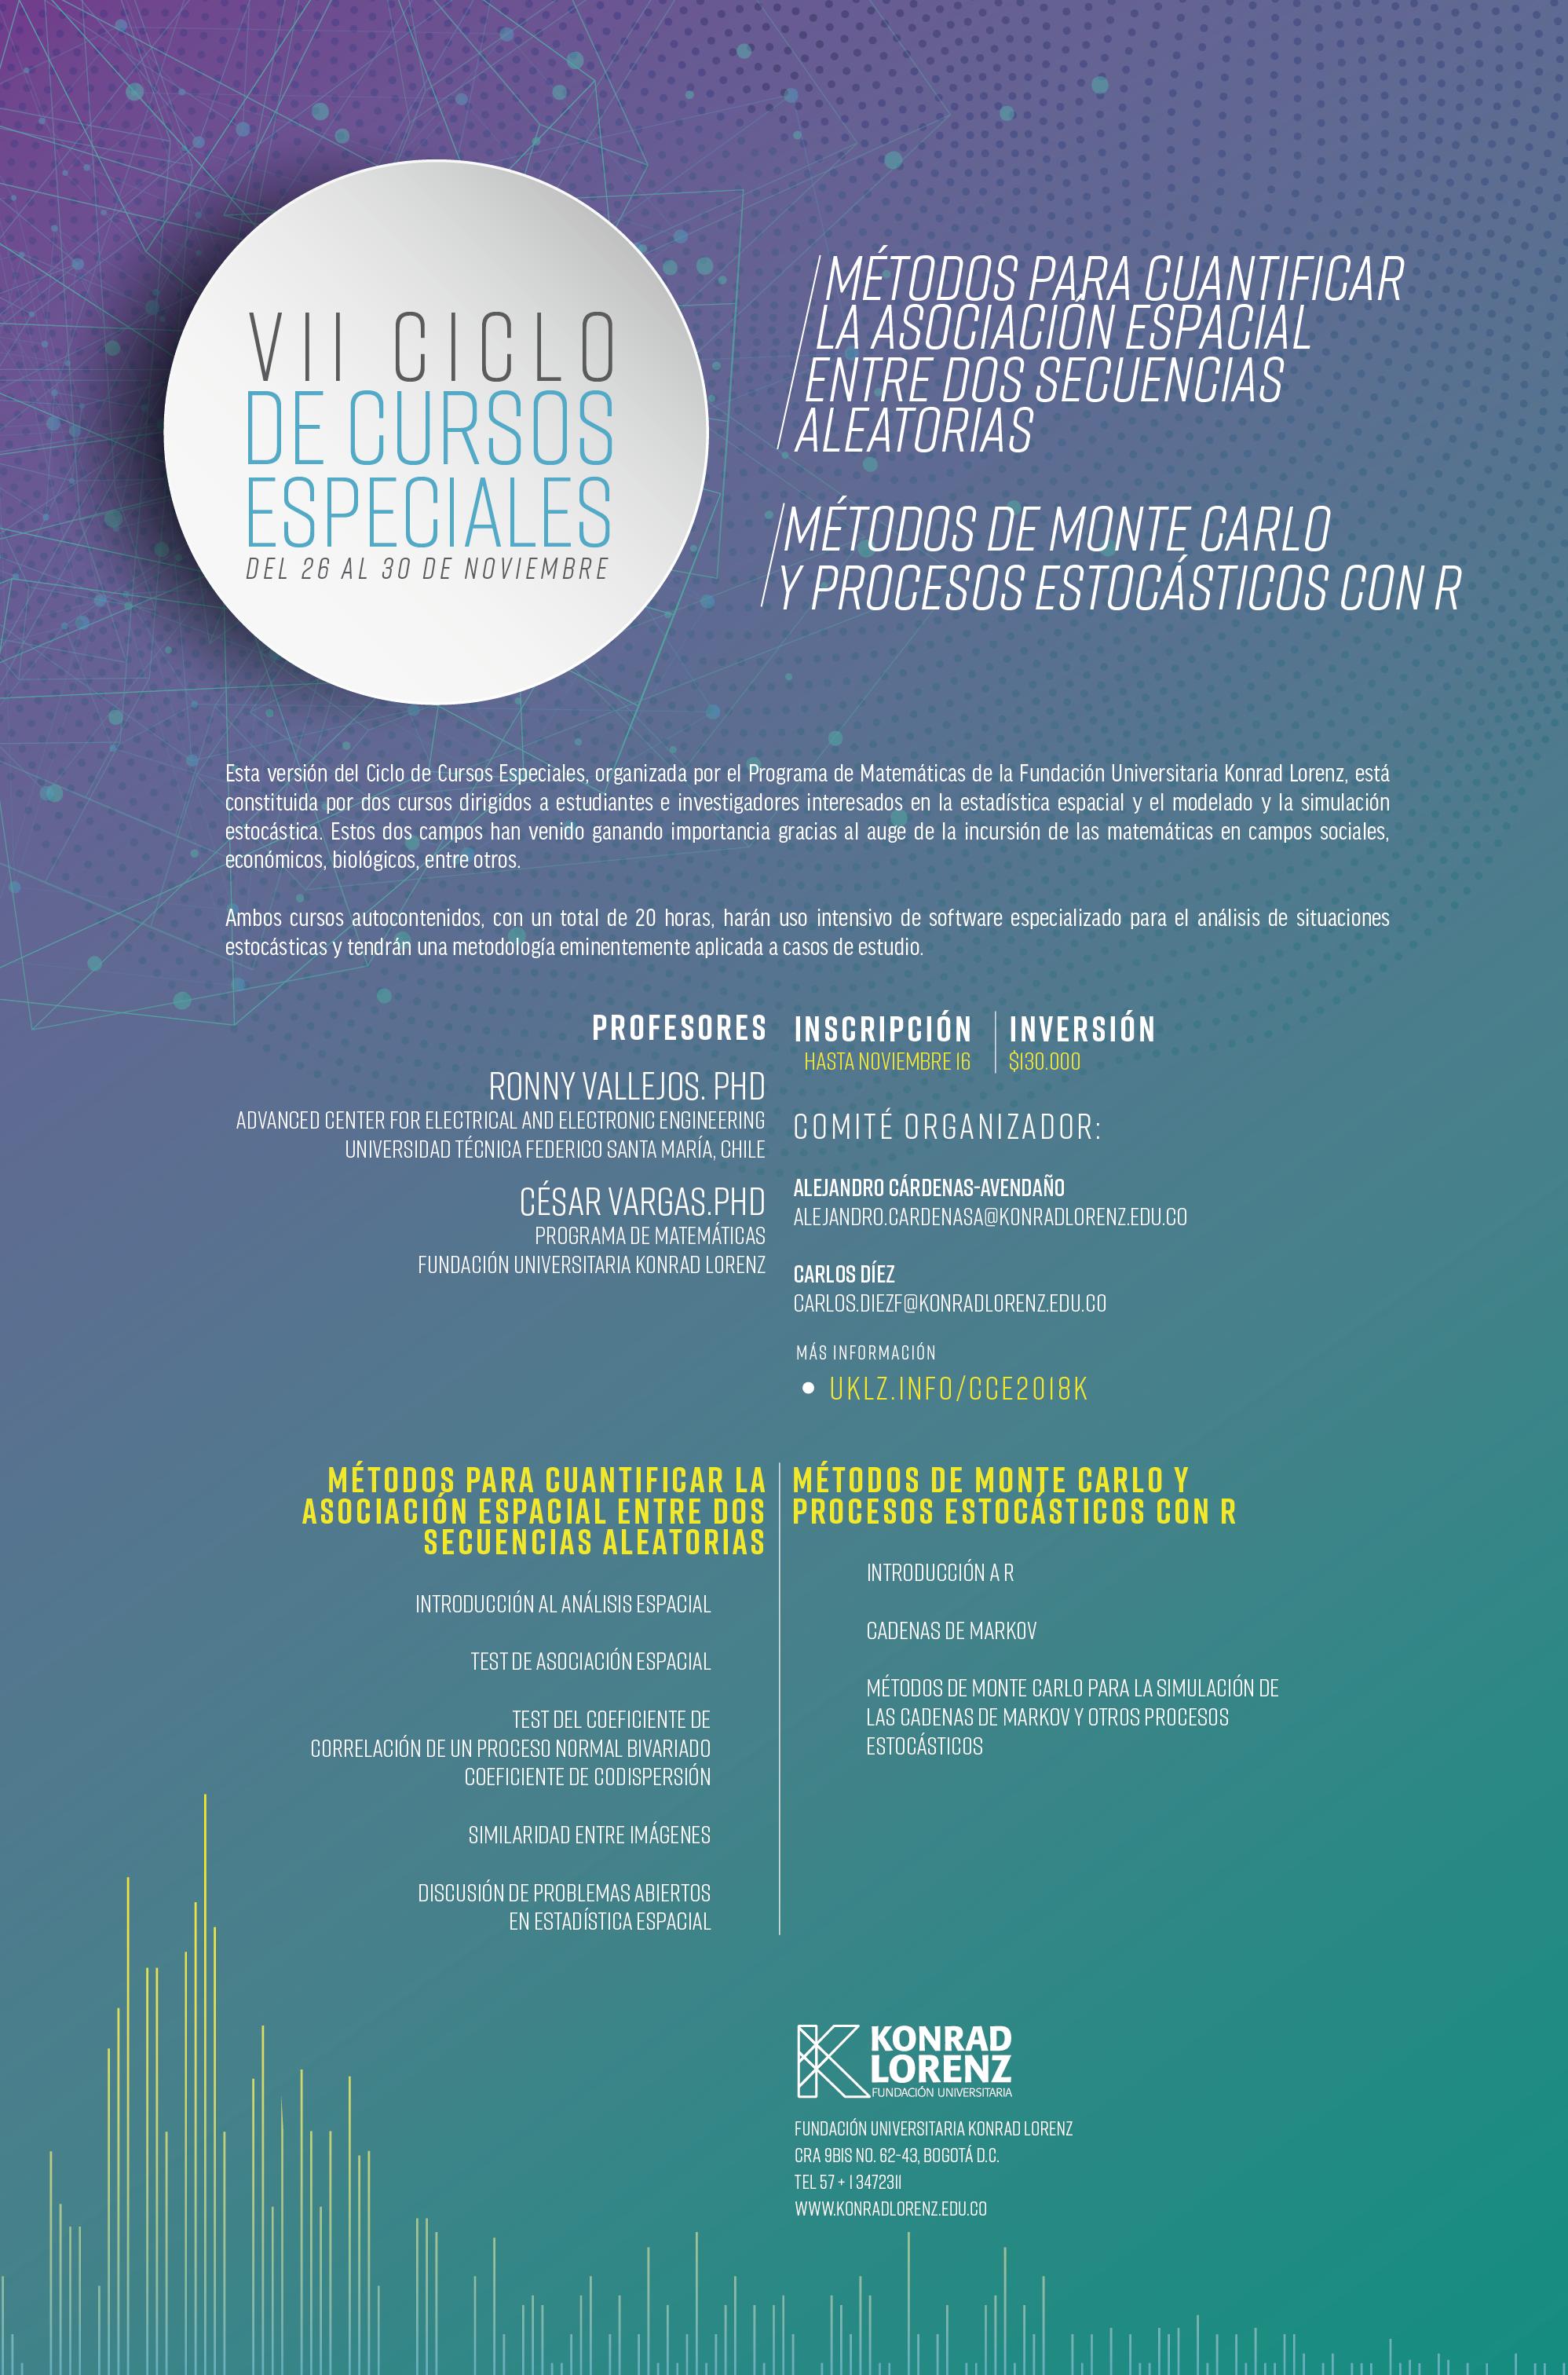 VII Ciclo de Cursos Especiales: Métodos para cuantificar la asociación espacial entre dos secuencias aletatorias y Métodos de monte carlo y procesos estocásticos con R